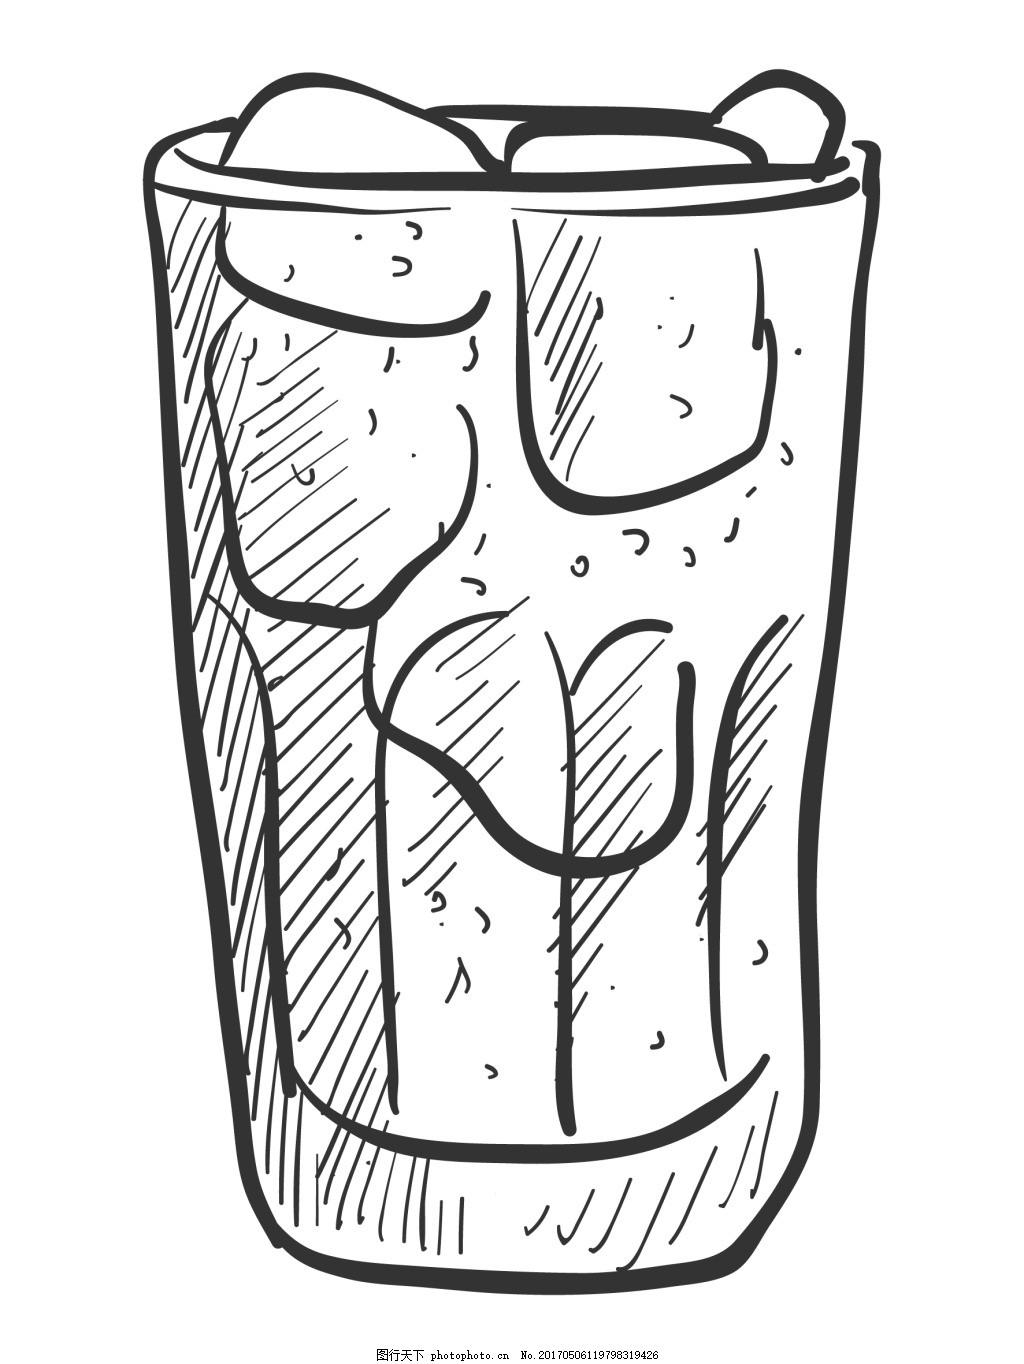 卡通矢量手绘线稿玻璃杯商业钢笔设计元素 饮料 创意设计 插画 排版图片